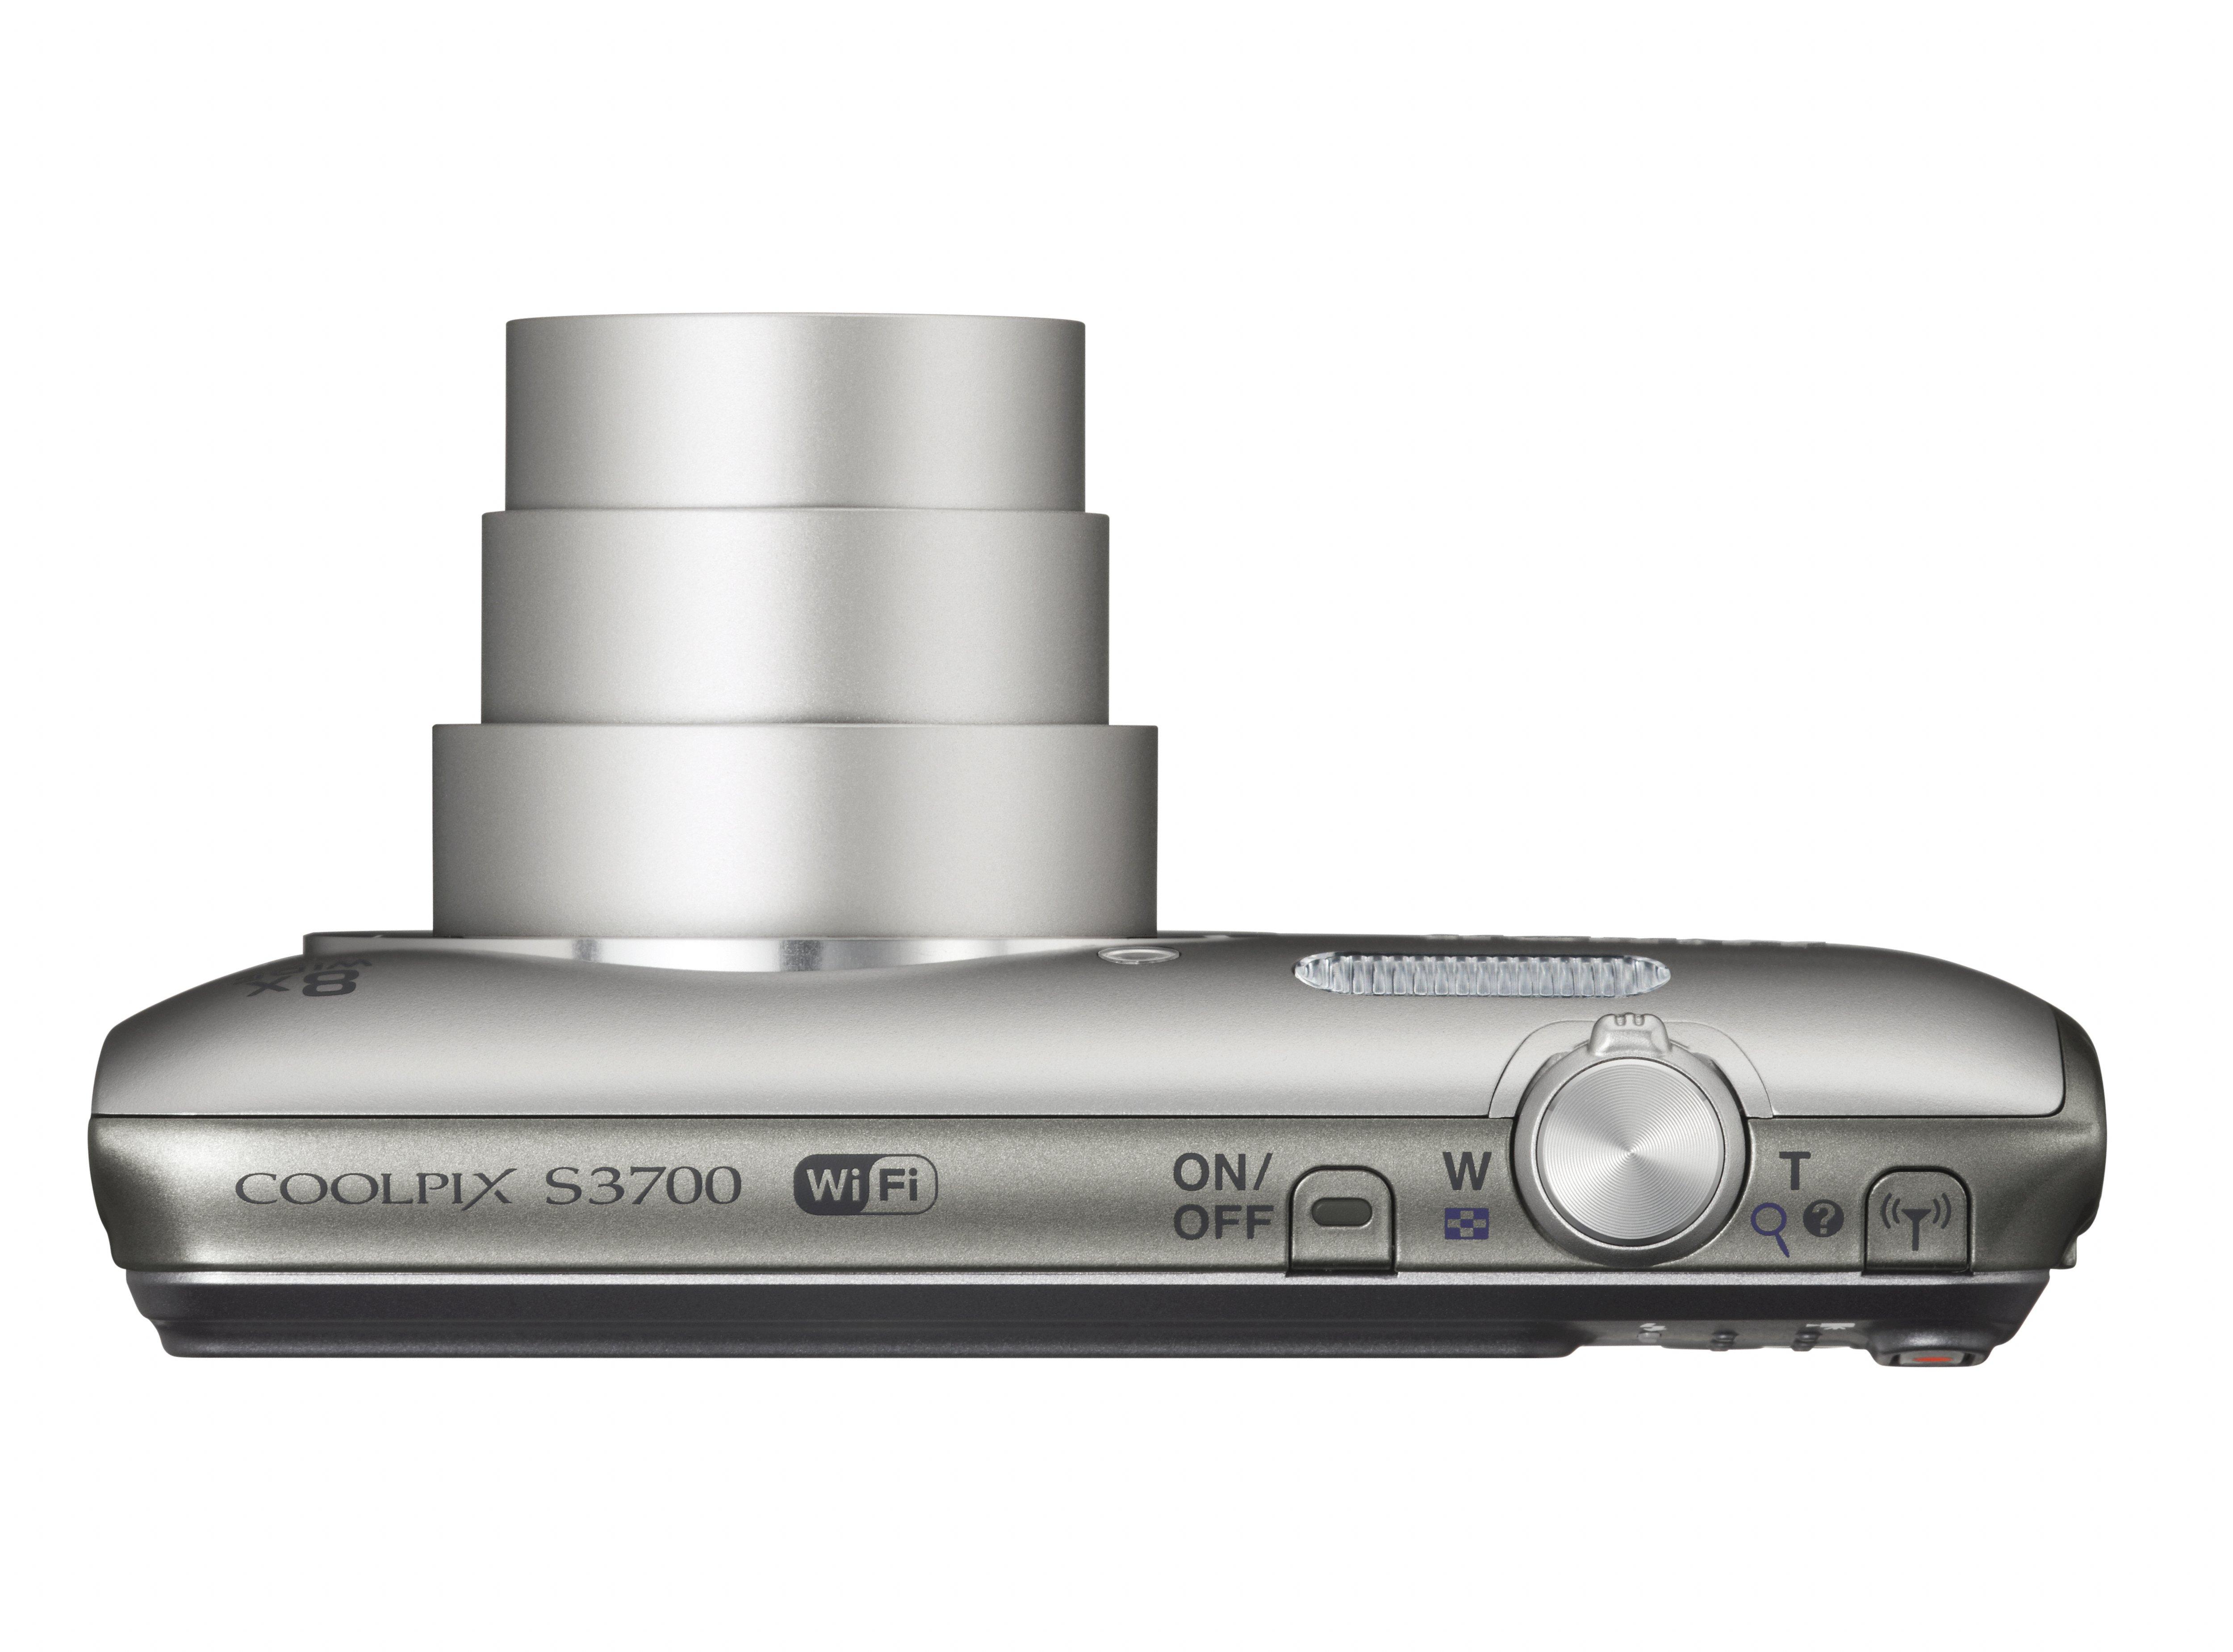 Nikon Coolpix S3700 8x-os NIKKOR optikai zoomobjektívet kapott.